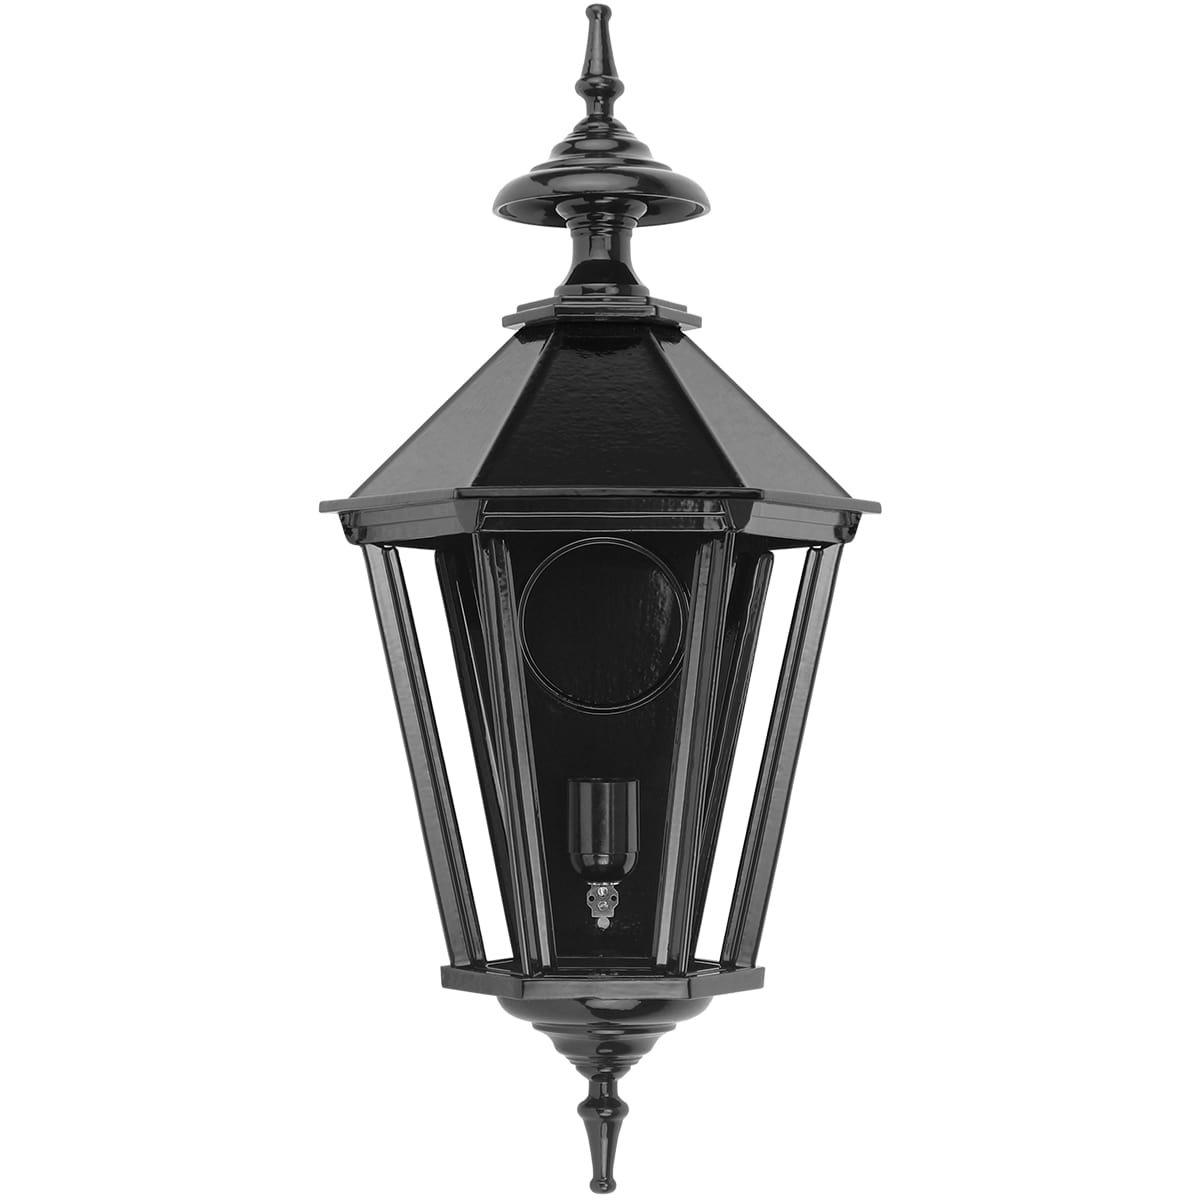 Outdoor lighting Classic Rural Wall lamp Vlaardingen L - 64 cm